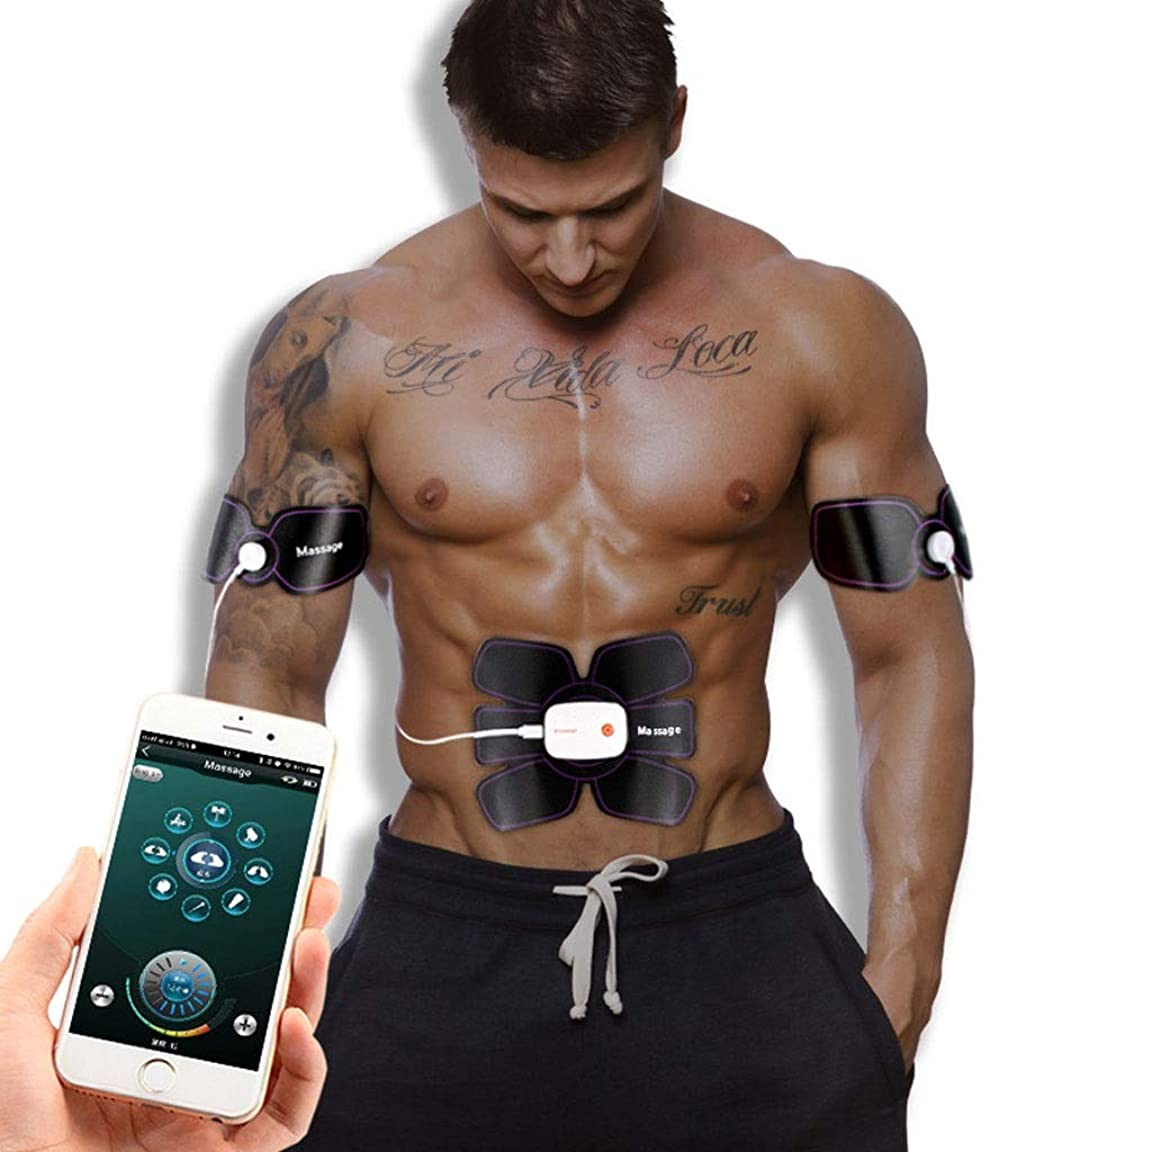 筋肉刺激装置、EMS腹筋トレーナー腹部ベルトUSB充電式筋肉用トナー腹筋足用腹筋サポートベルト&8モード15レベル男性&女性用